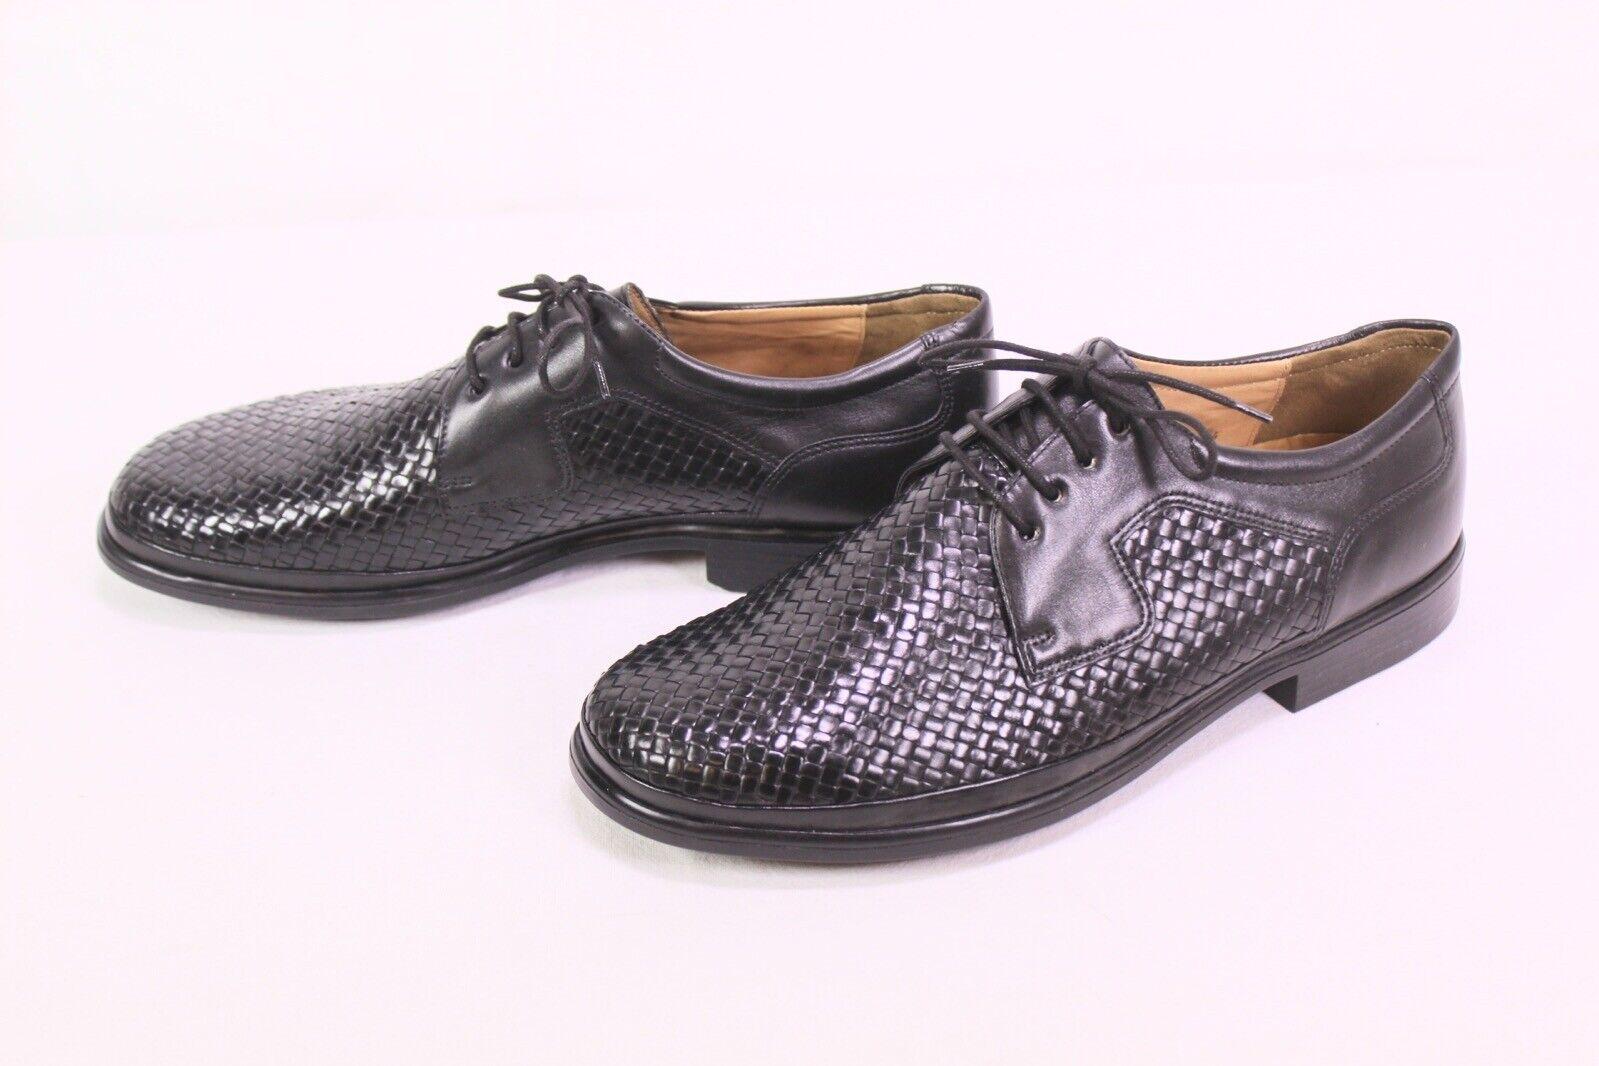 C385 Ströber Schuhe Leder schwarz Schnürschuhe Gr. 41 (7,5 G) Flechtleder neu